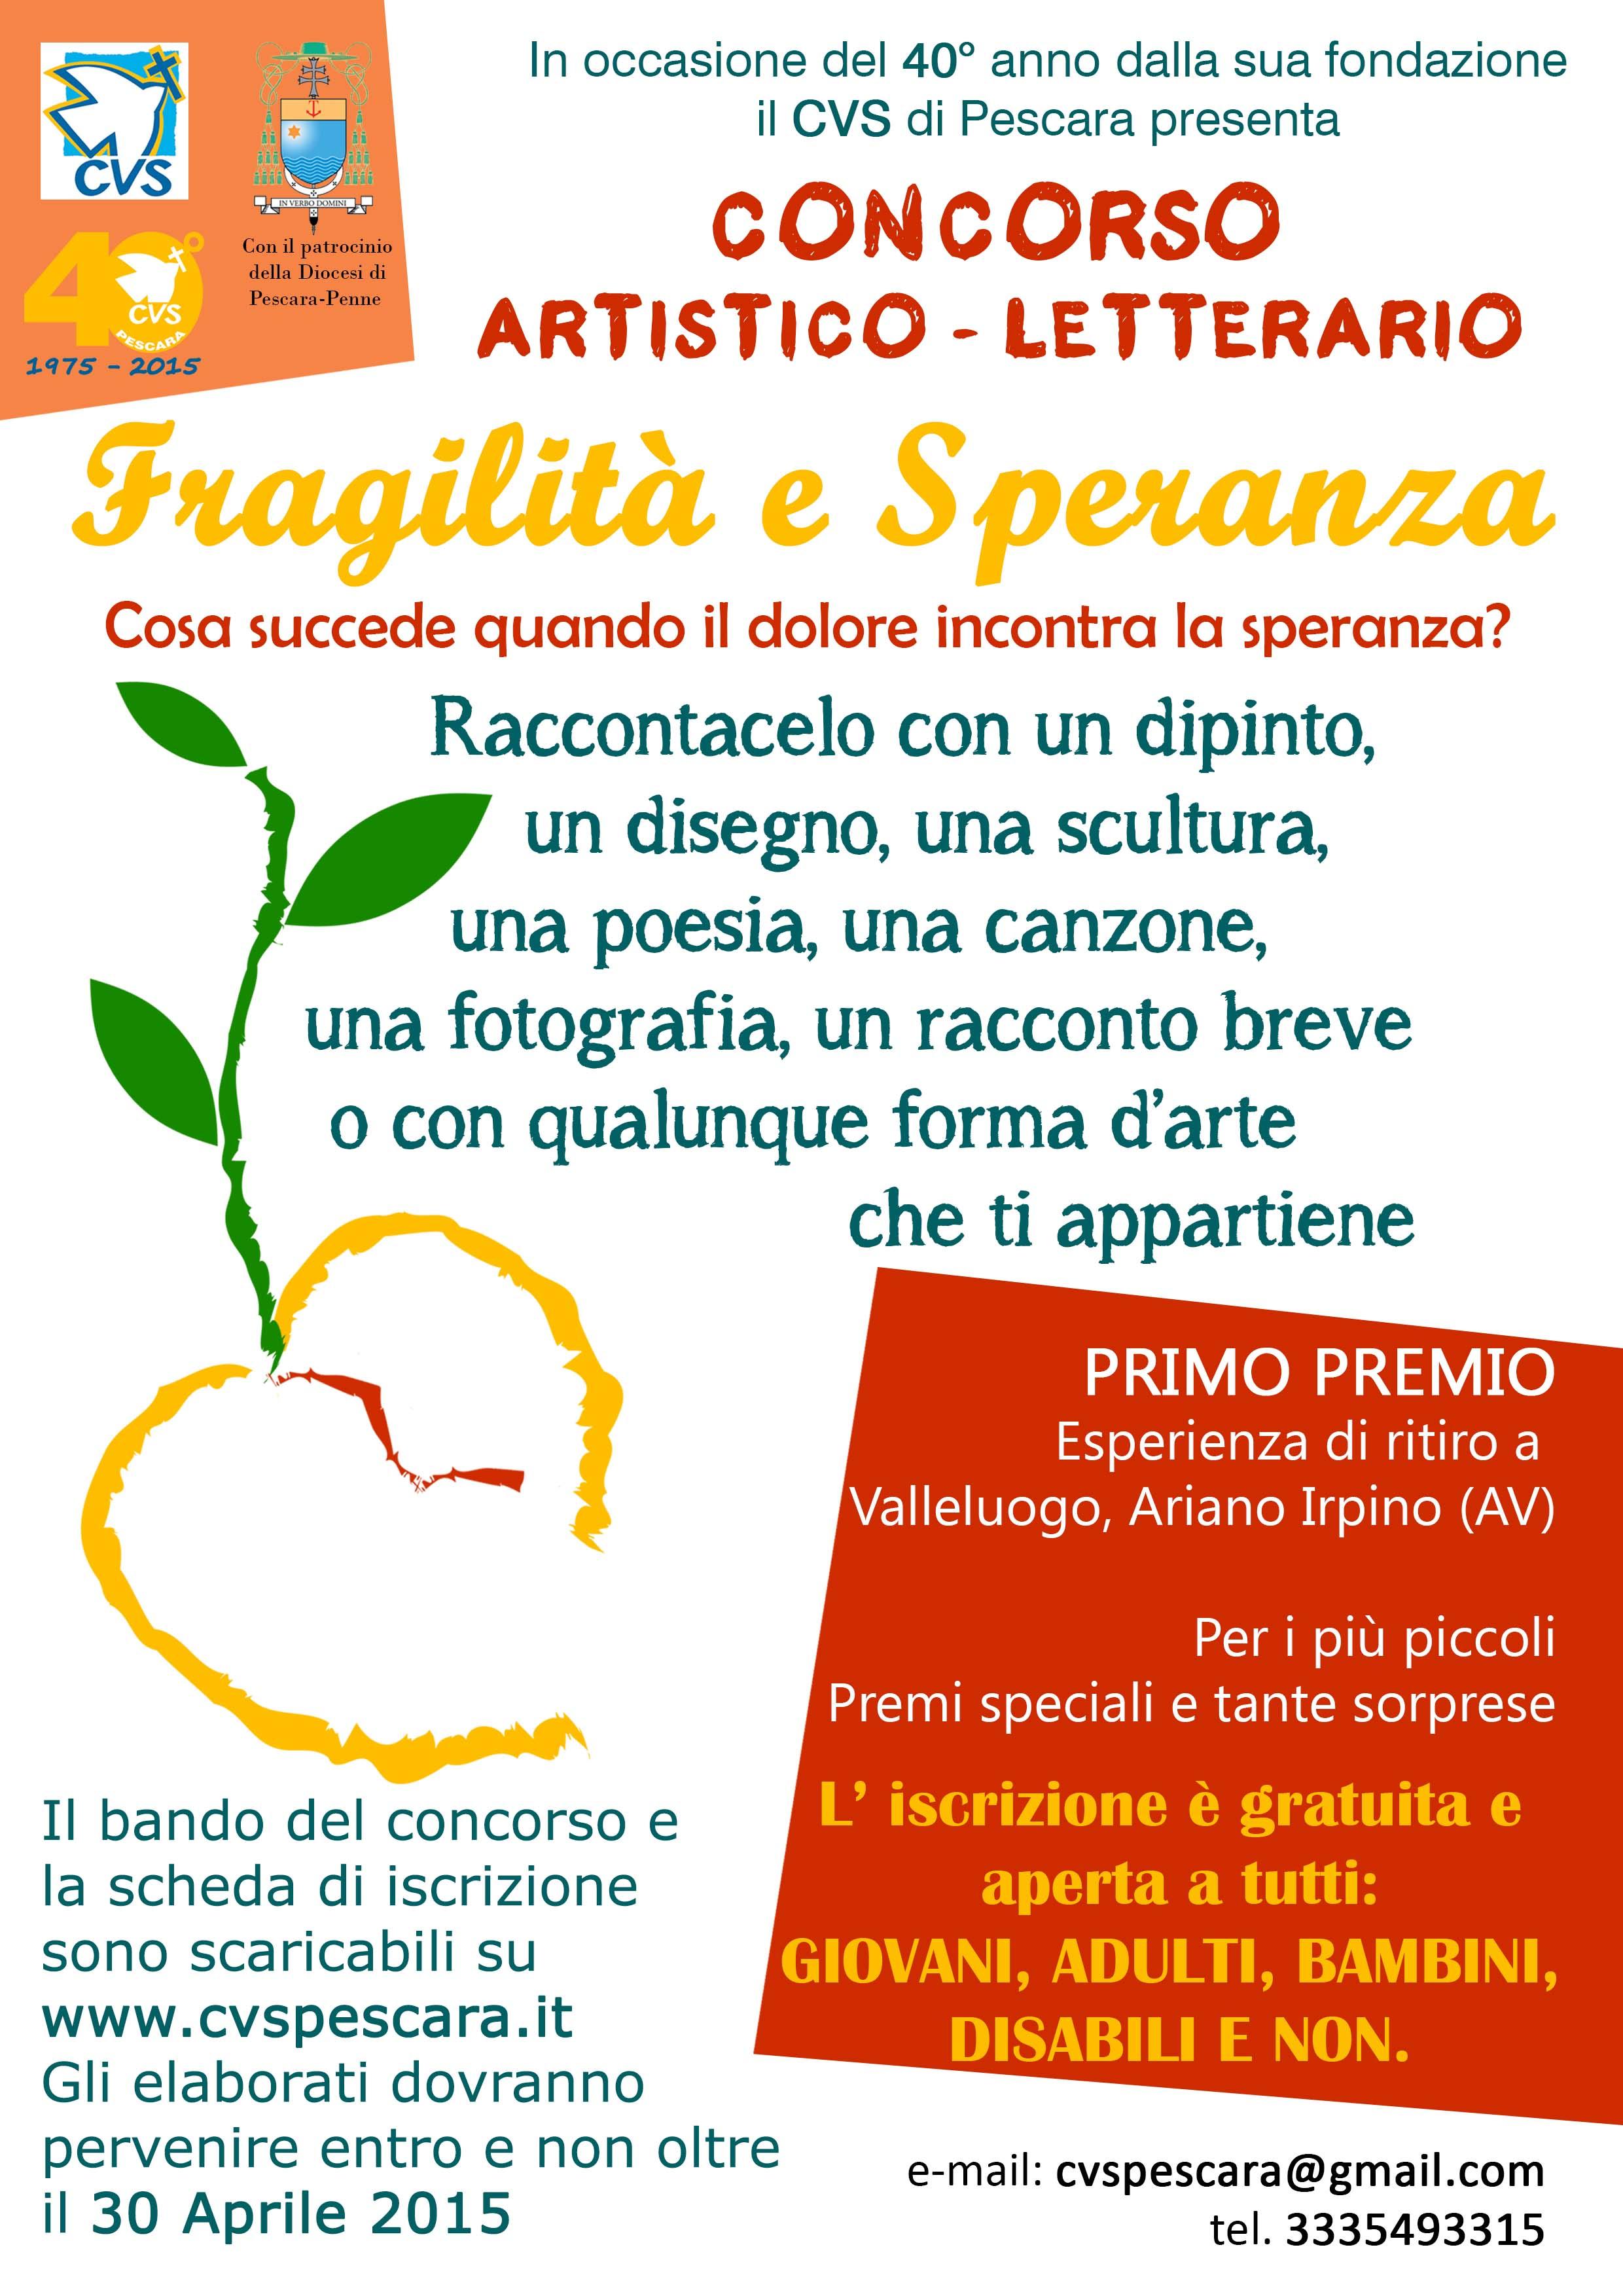 Il CVS di Pescara-Penne festeggia il 40° anno di apostolato nella diocesi.